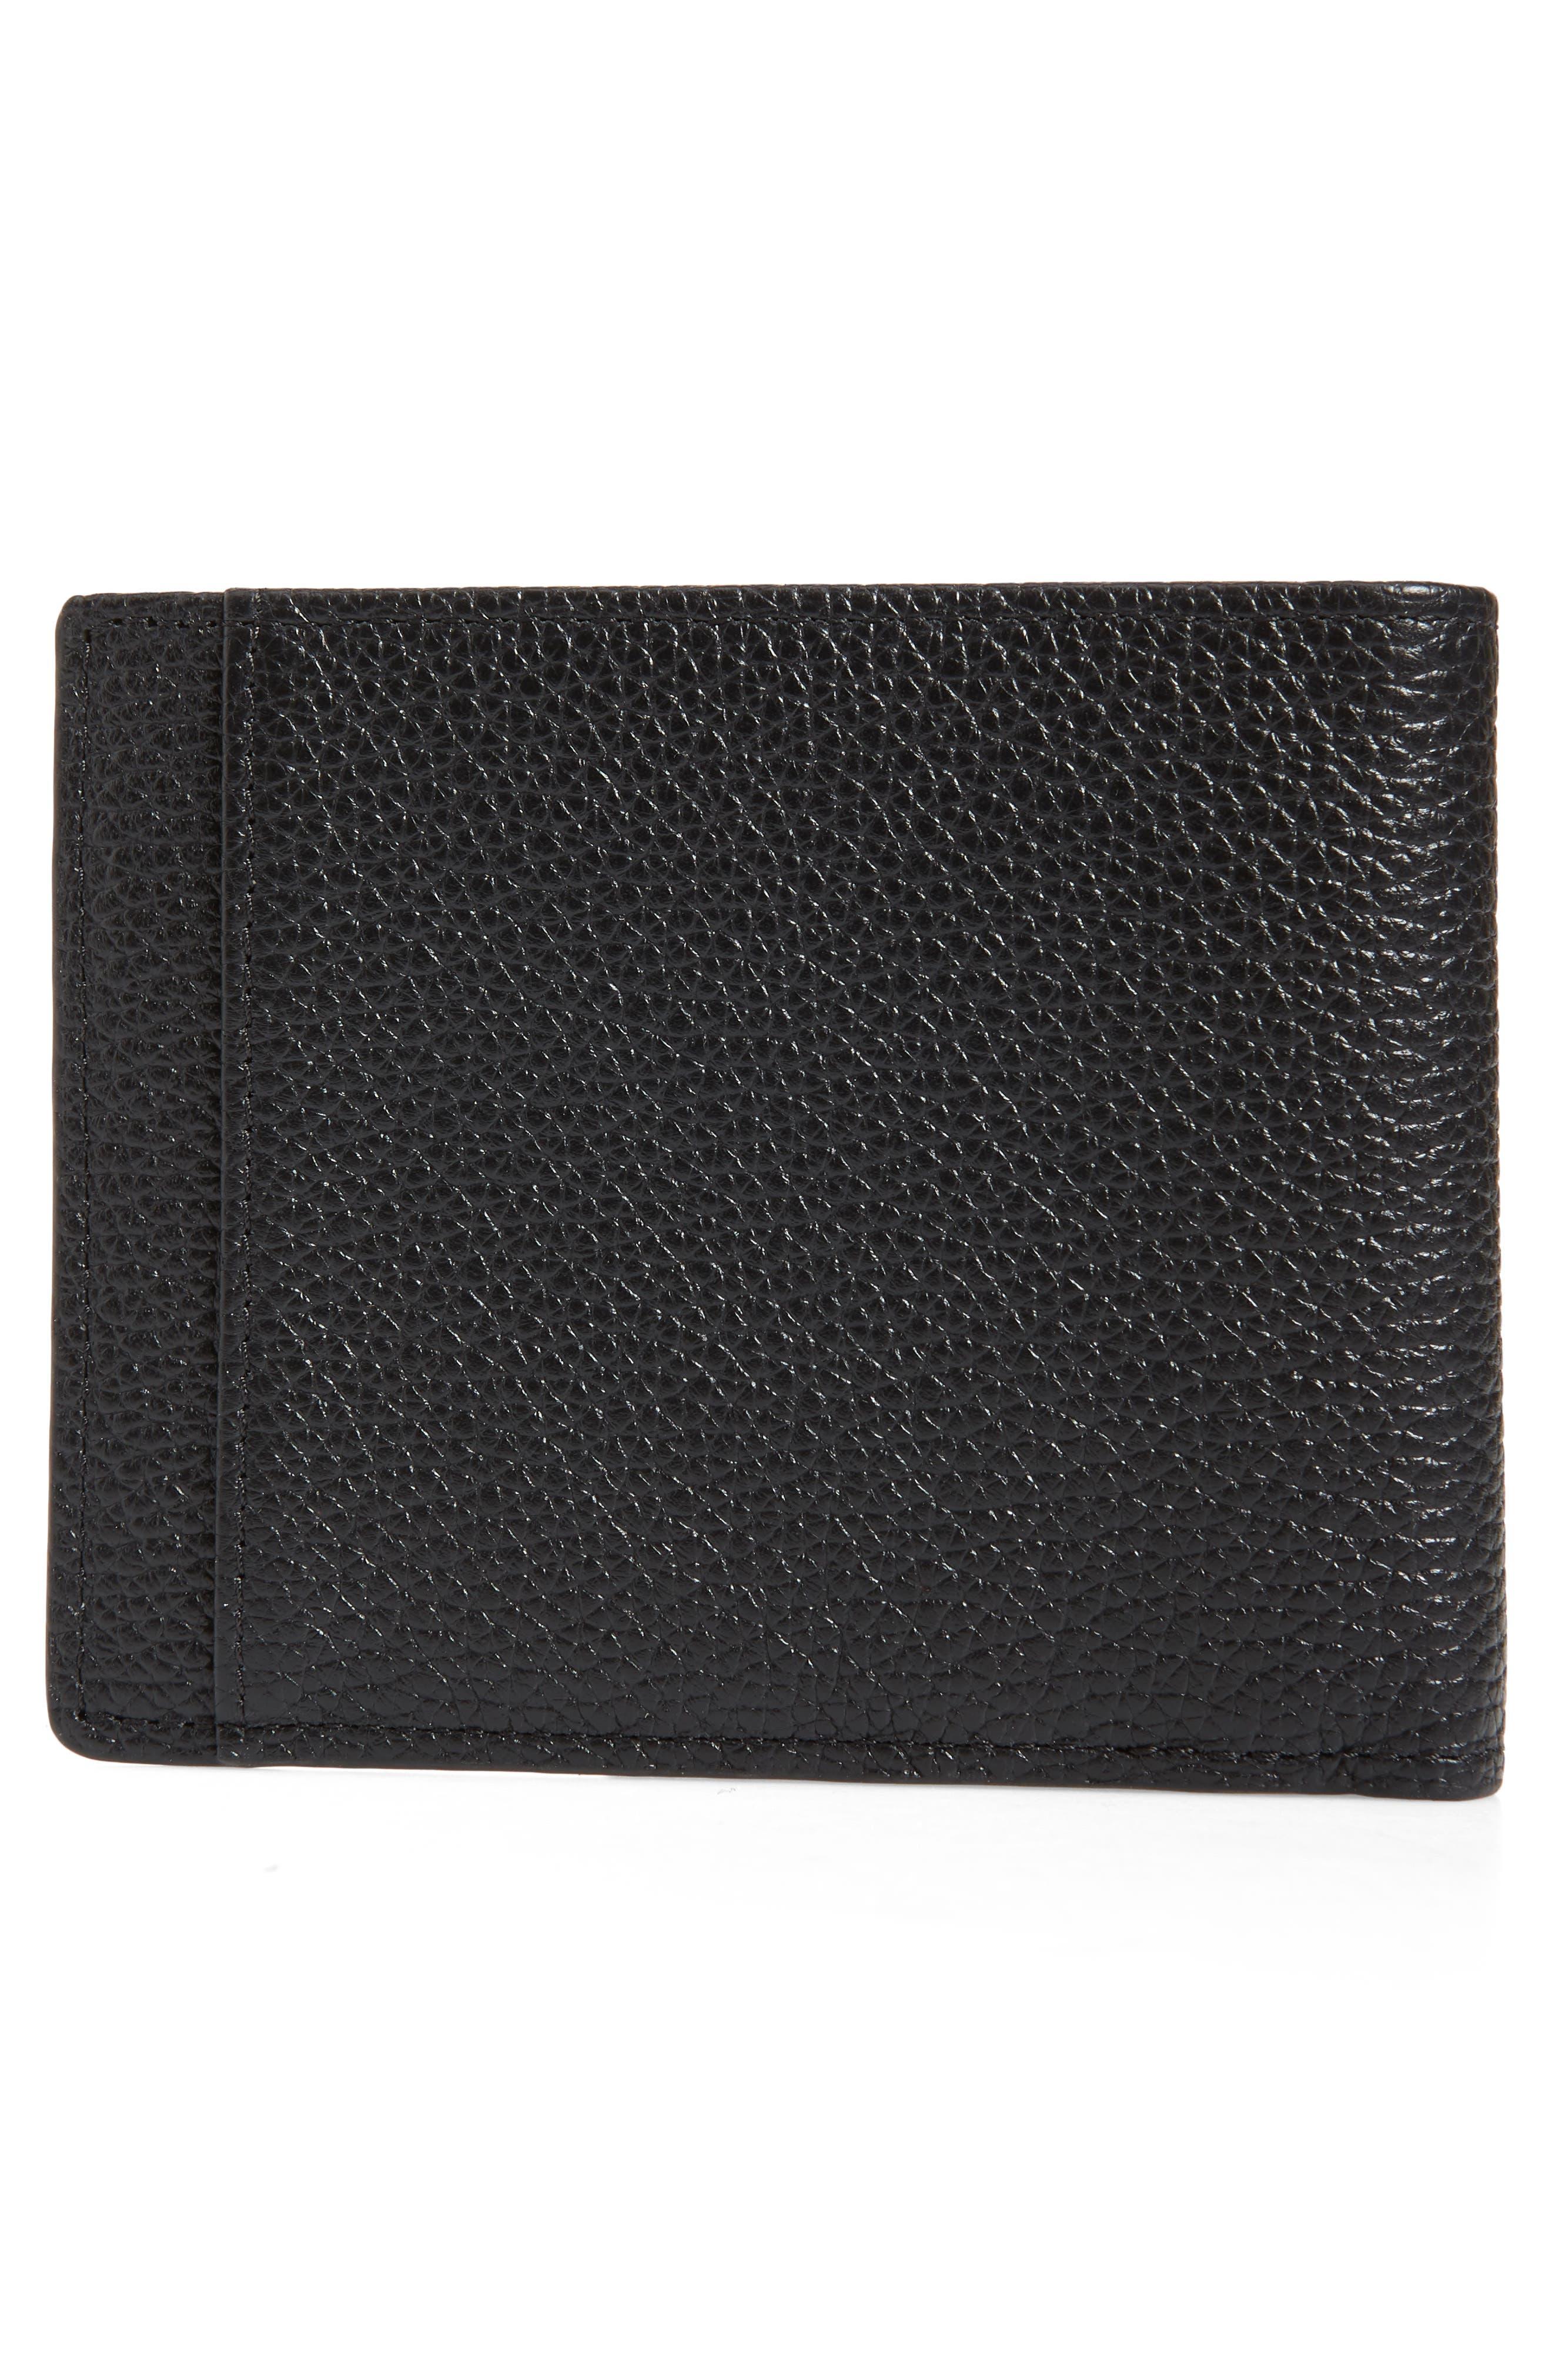 Midland RFID Leather Wallet,                             Alternate thumbnail 3, color,                             BLACK